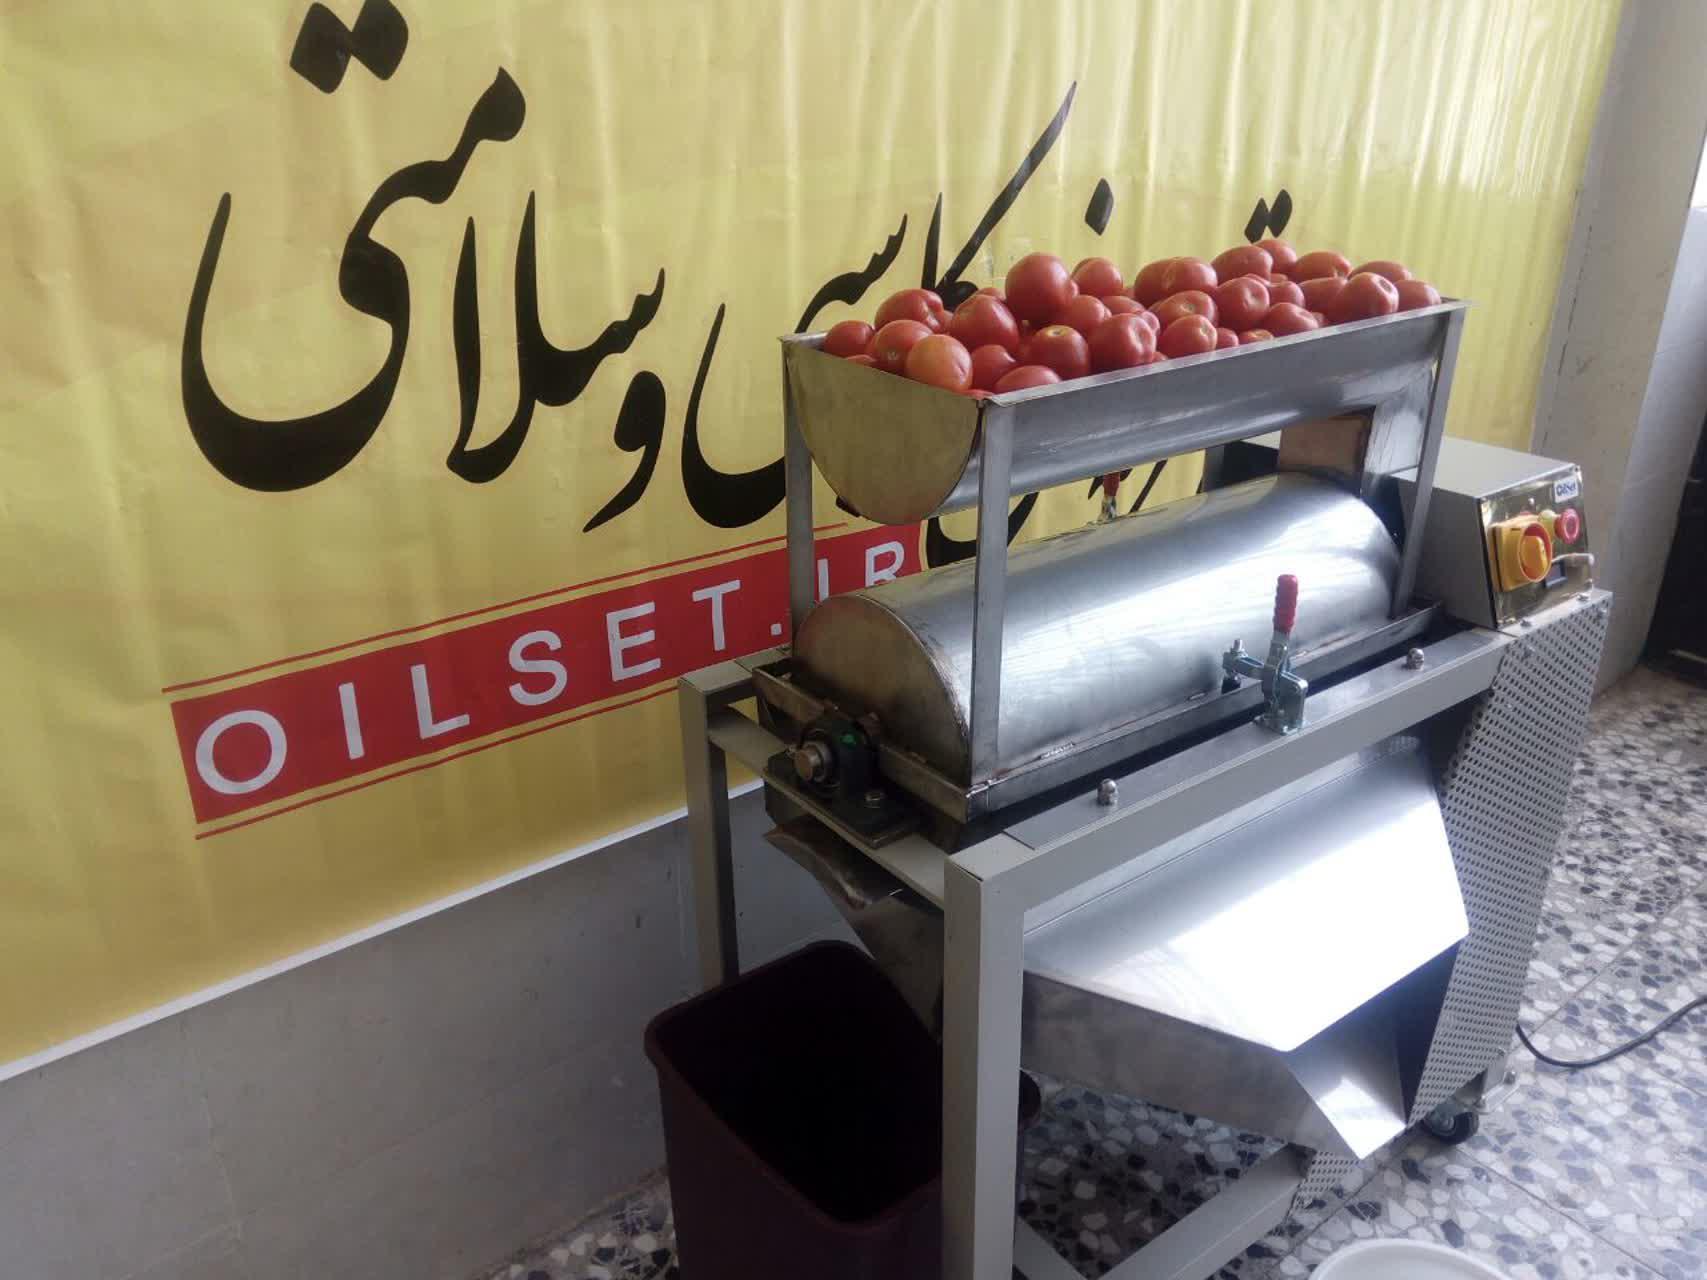 دستگاه آب گوجه گیری OilSet